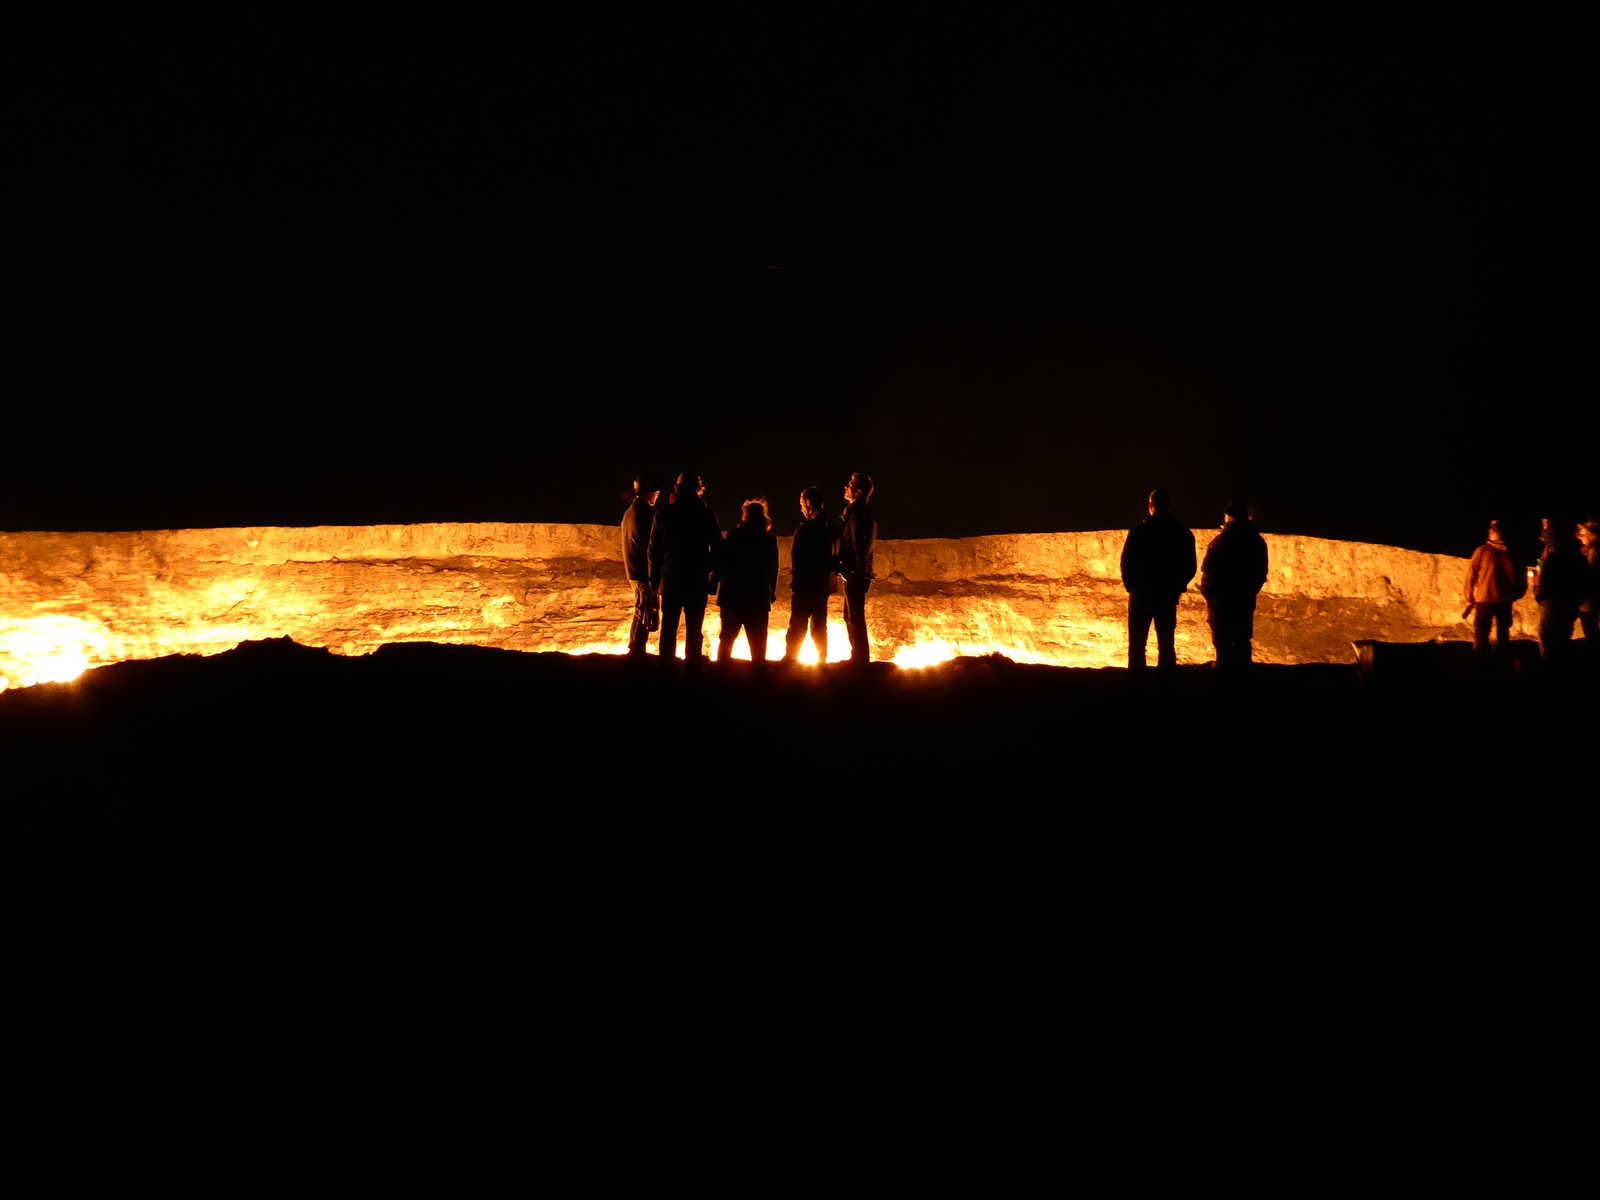 Gates of Hell, Turkmensitan